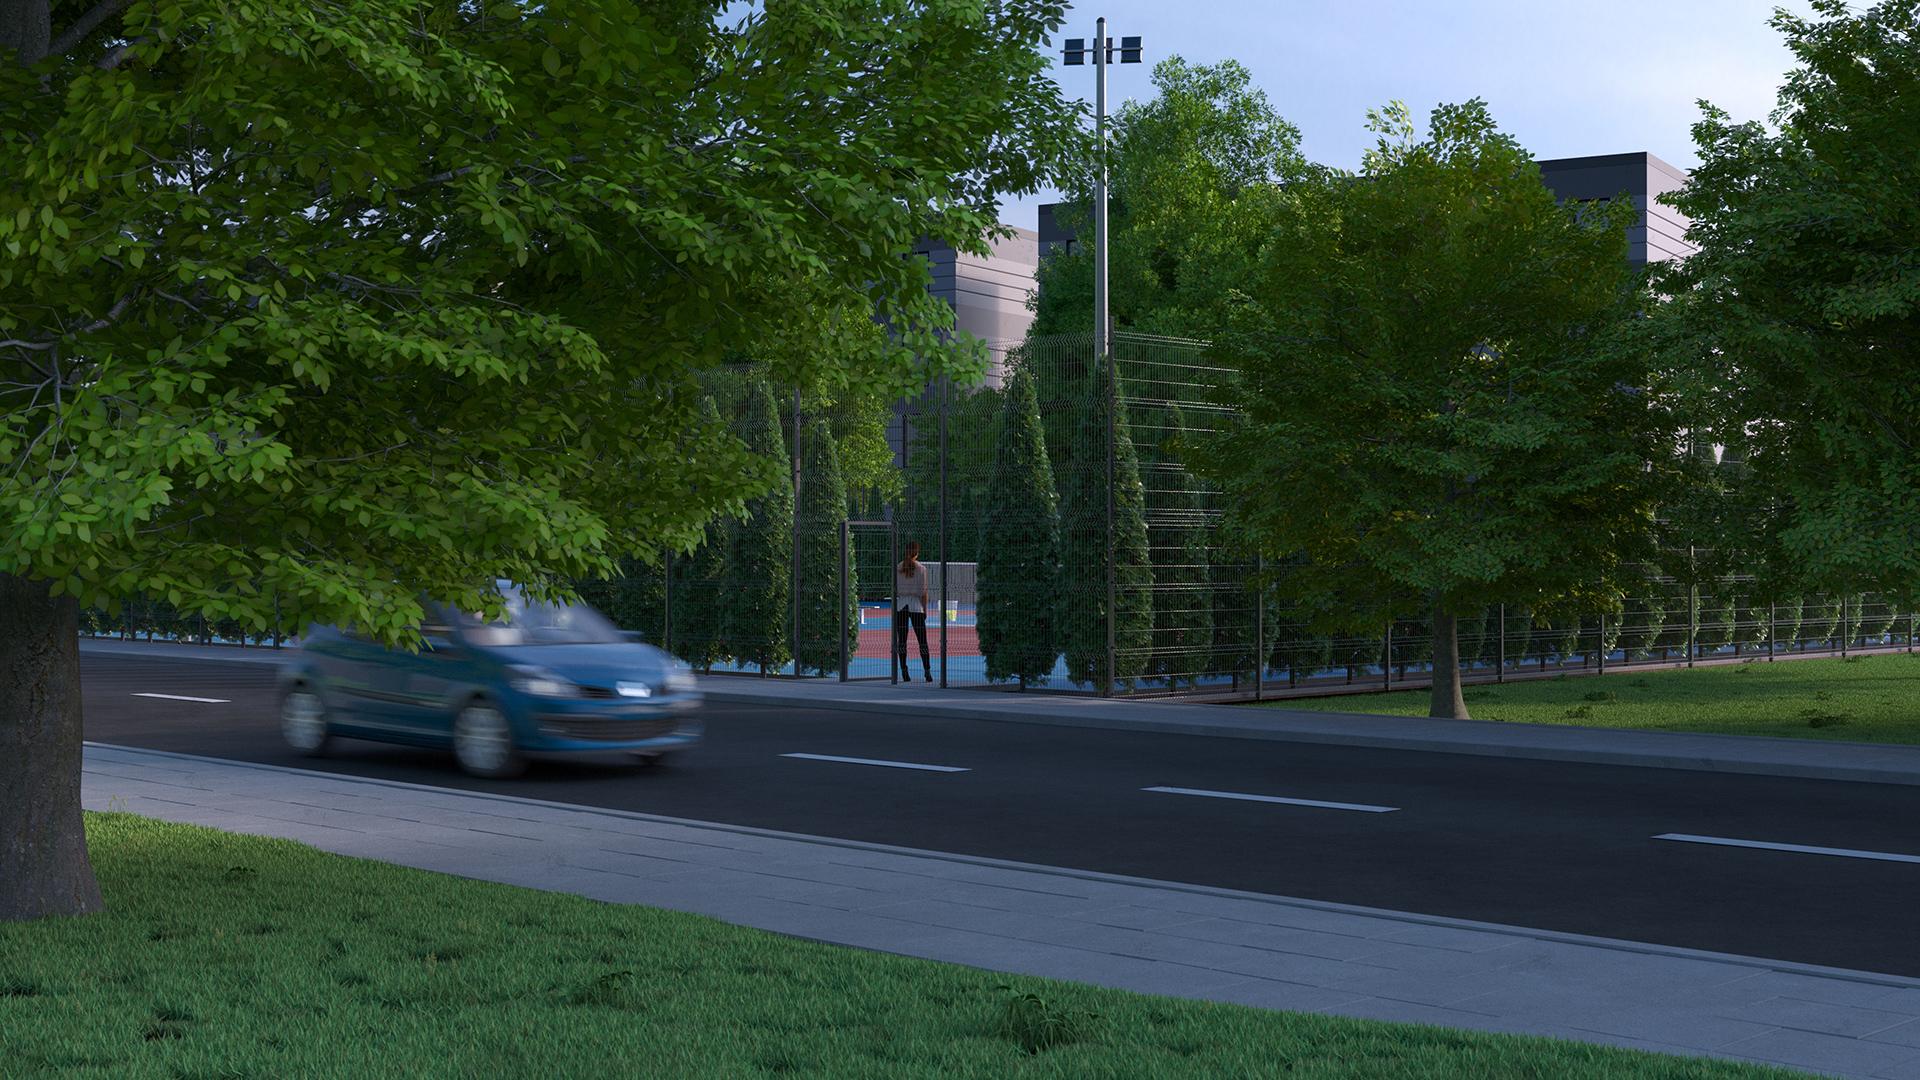 wizualizacja ulicy